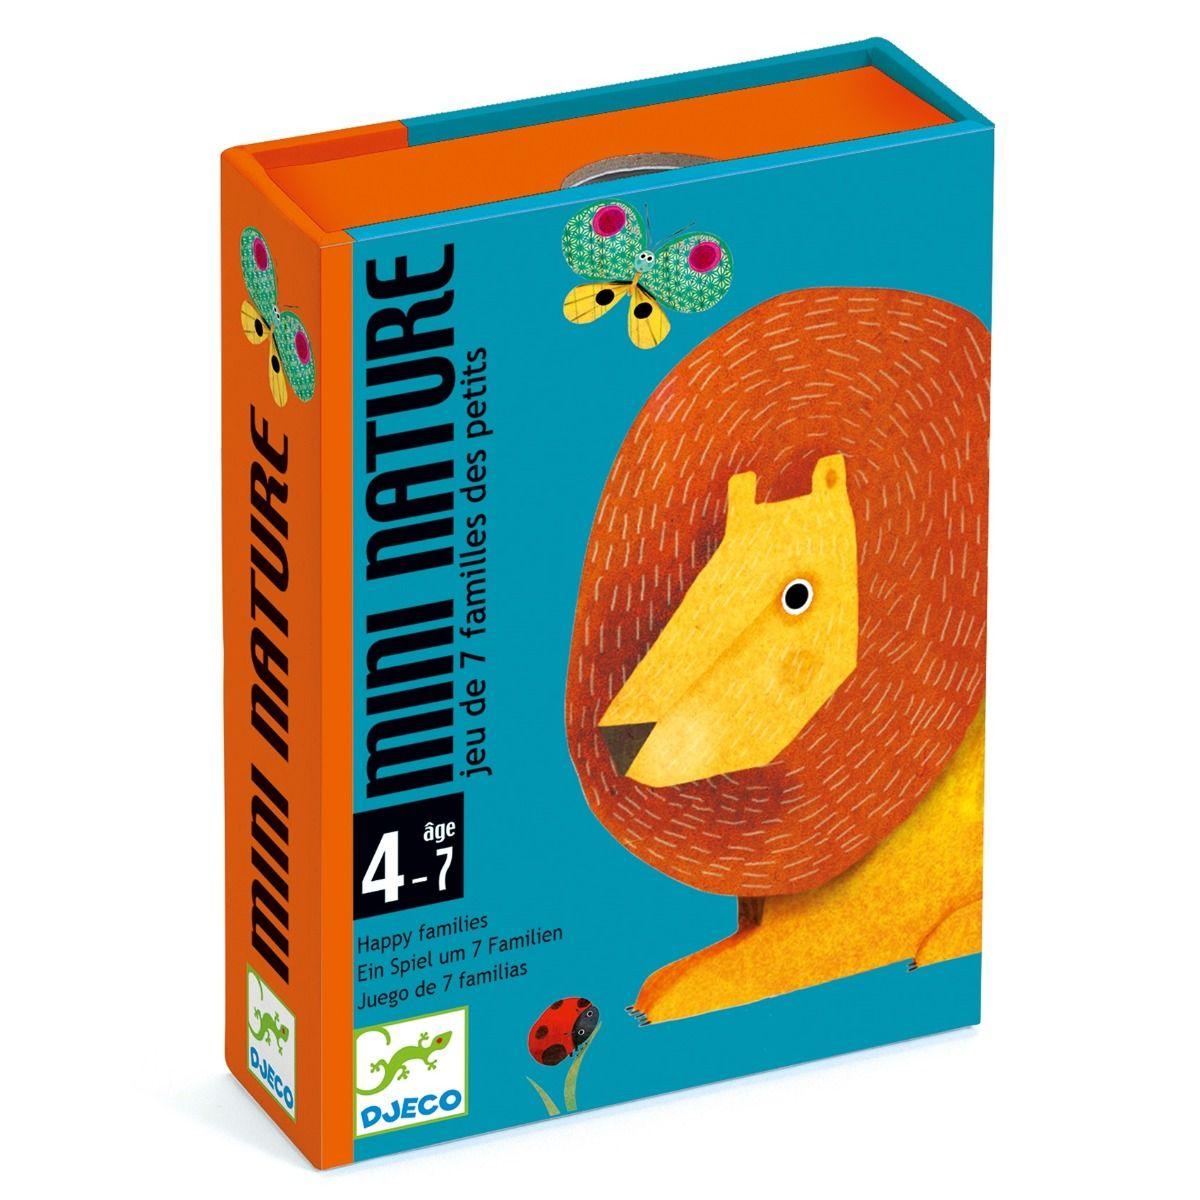 Jogo de Cartas- Mini Nature Djeco